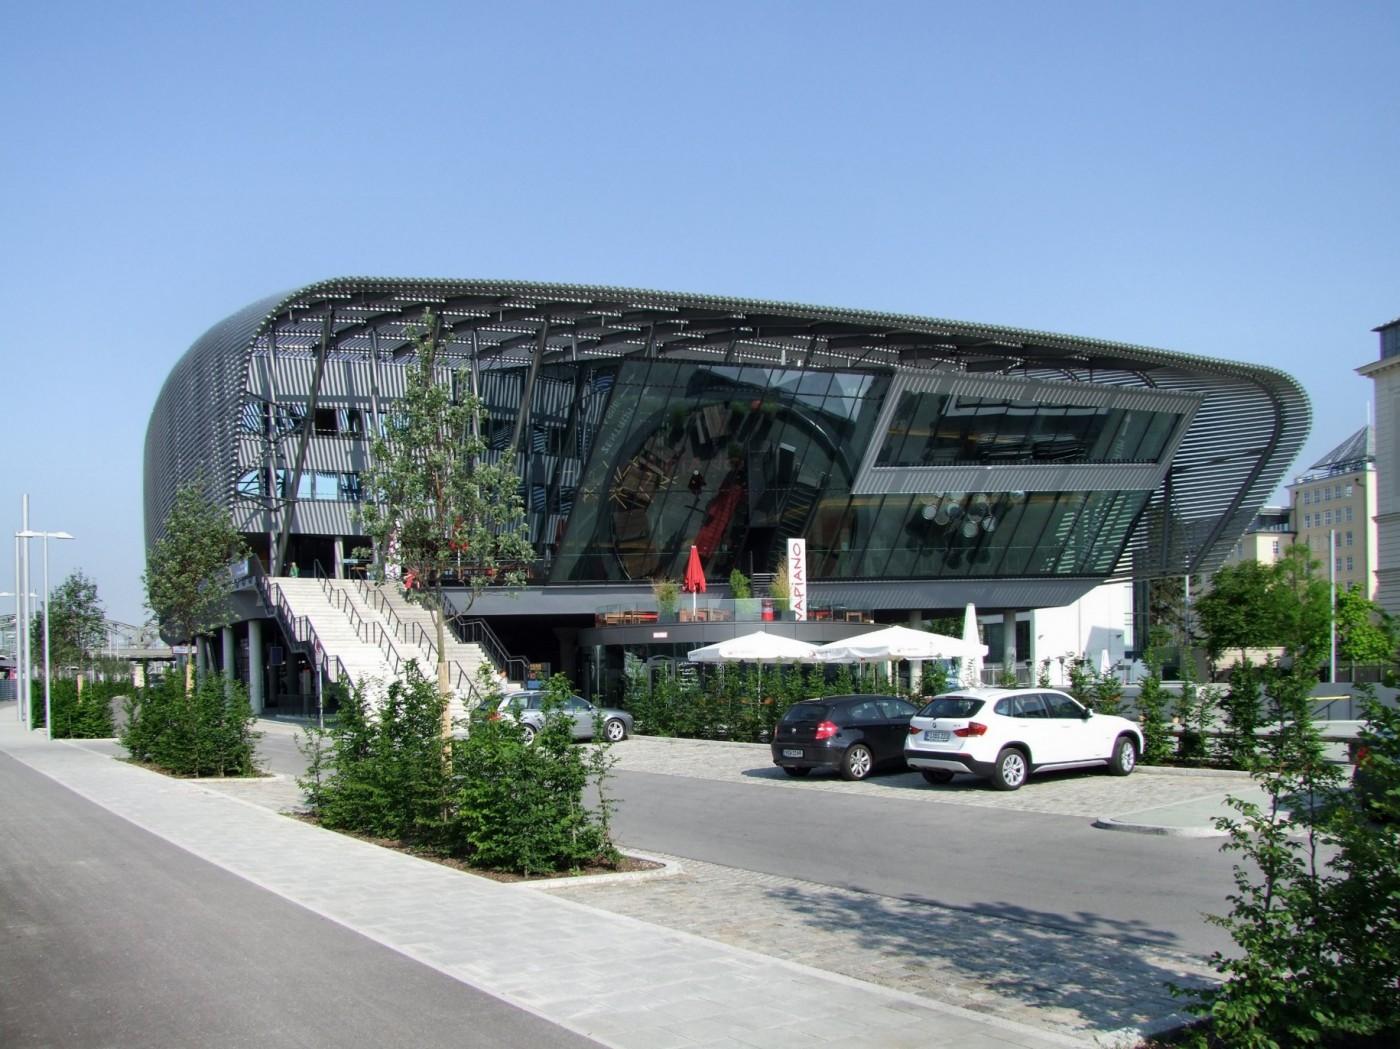 zob_Zentraler Omnibusbahnhof Muenchen_100625_30_expo_02